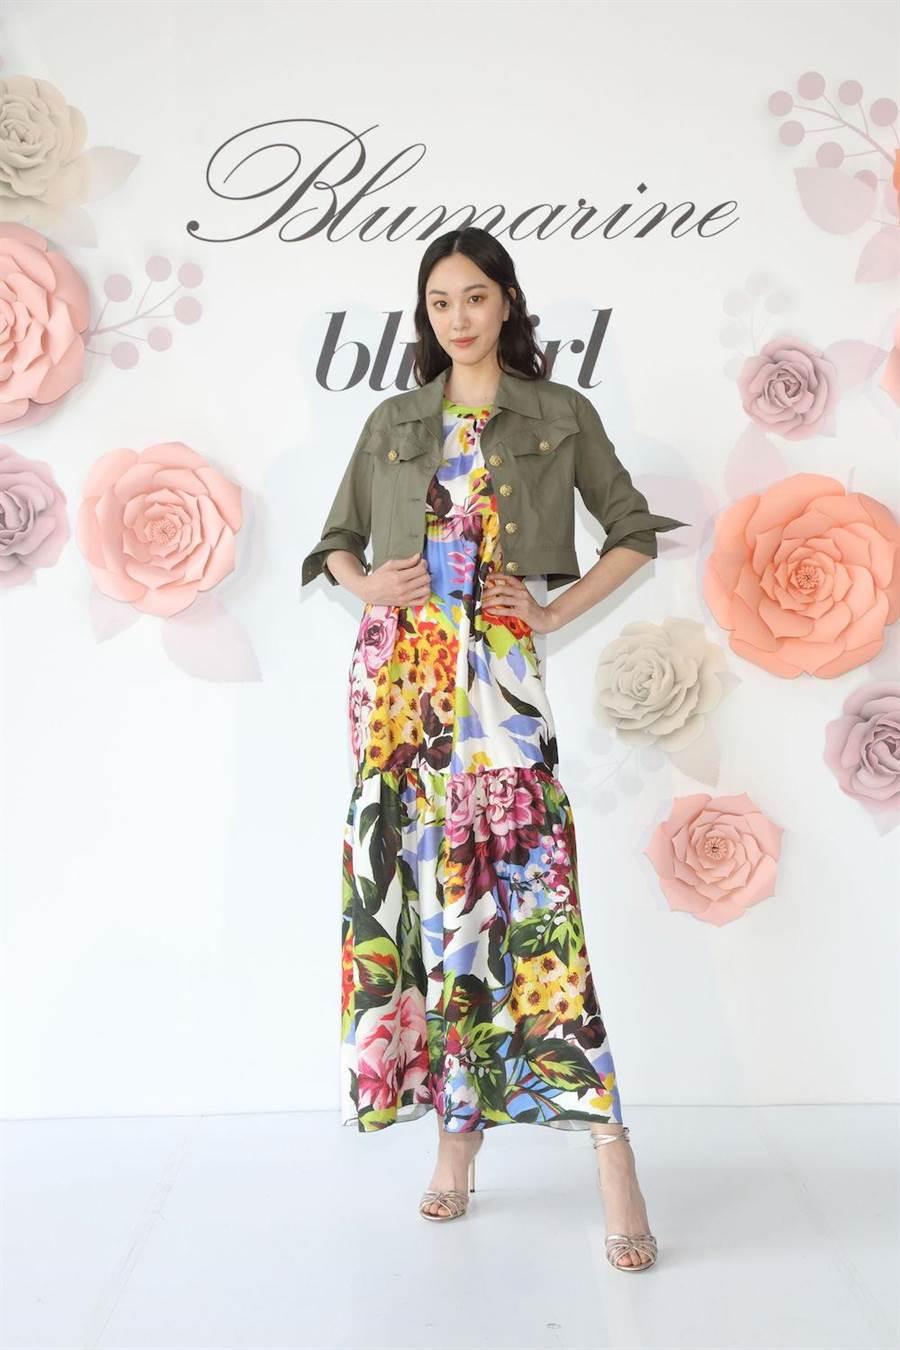 张敏红演译Blugirl军绿色短版外套1万5800元,Blugirl花卉无袖长洋装3万800元。(BLUMARNIE提供)